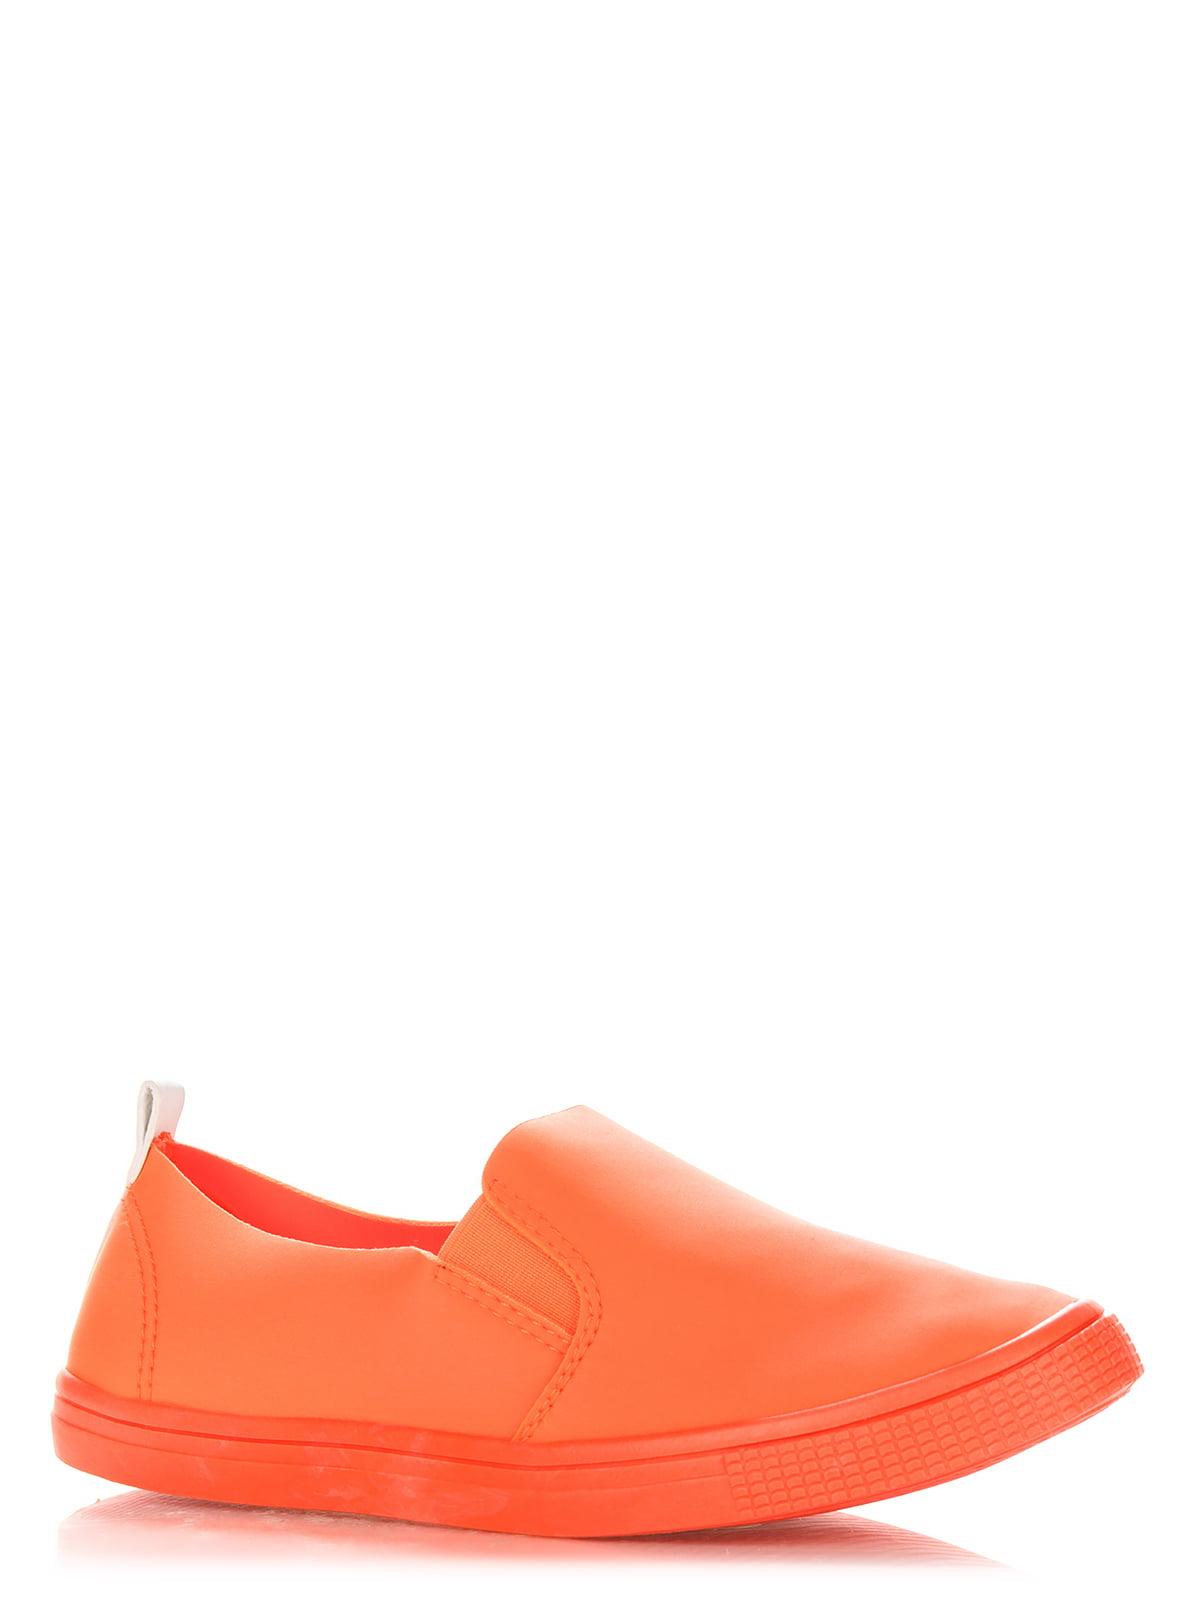 Слипоны оранжевые | 2743406 | фото 2